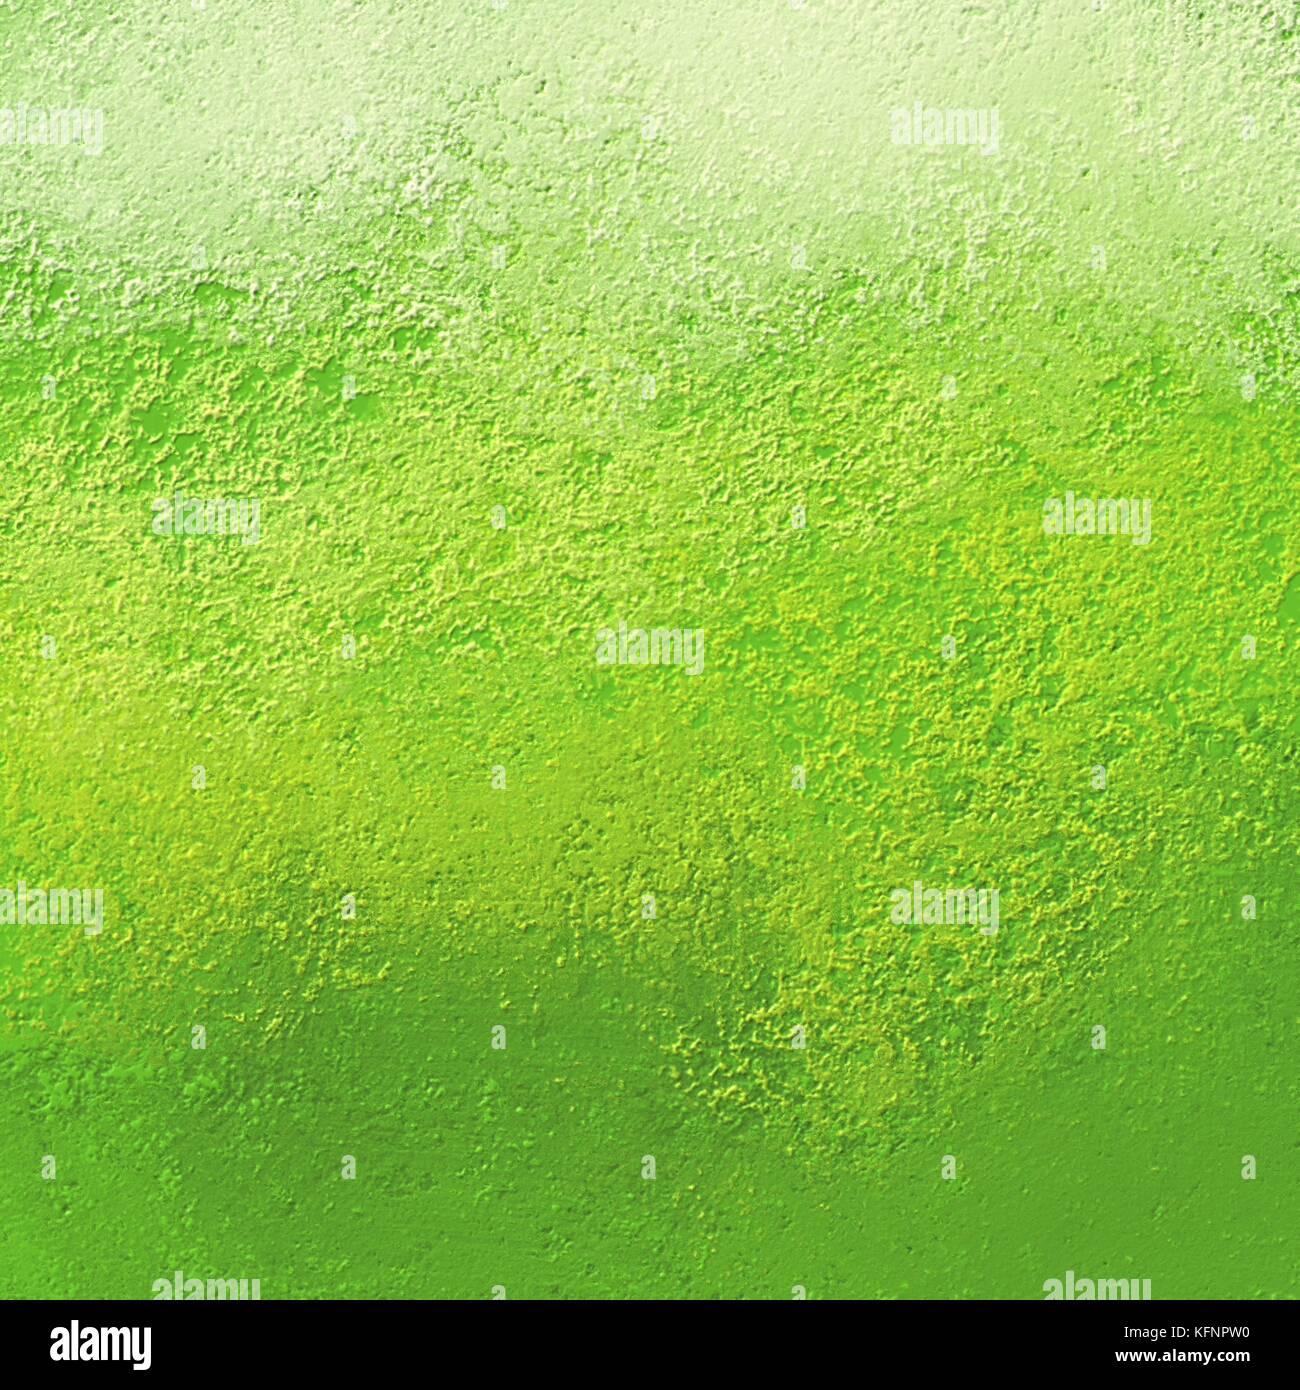 la lumi re vive et fond vert d grad fonc peint avec 3d 1828 pl tre ou ciment texture style. Black Bedroom Furniture Sets. Home Design Ideas